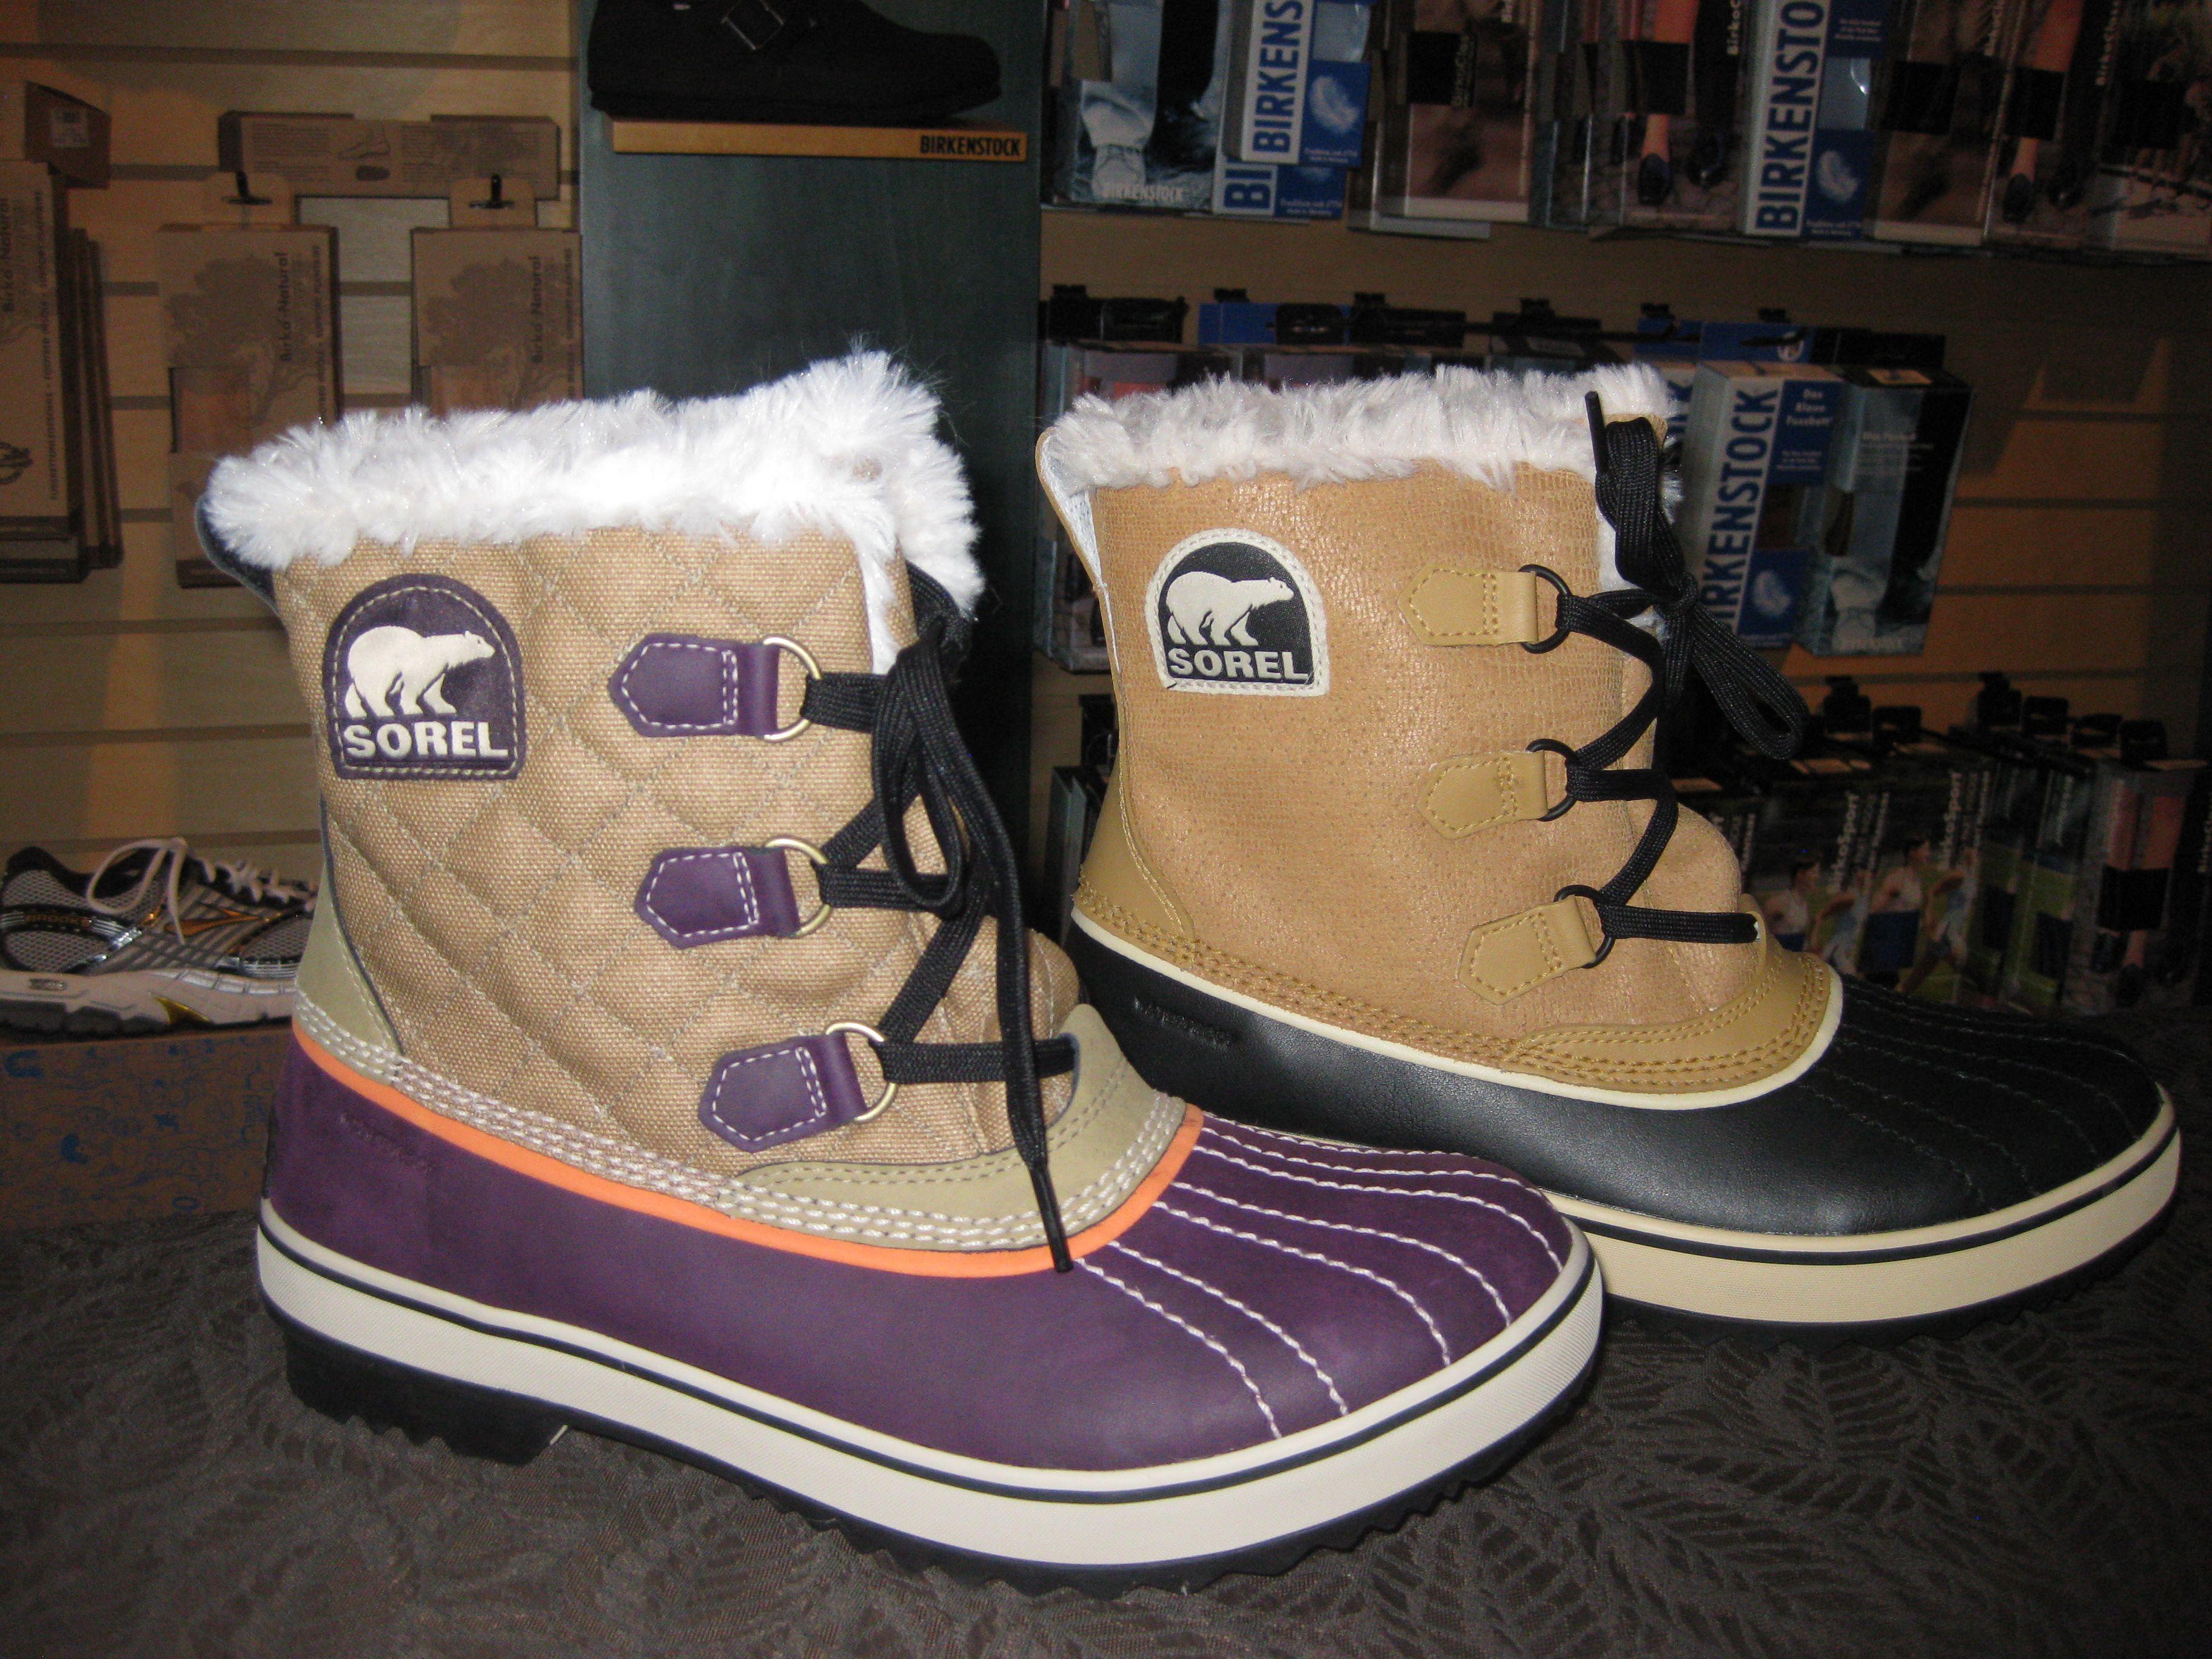 booties wedge women top s comfort ugg comforter nordstrom comfortable high walking sneakers womens c for